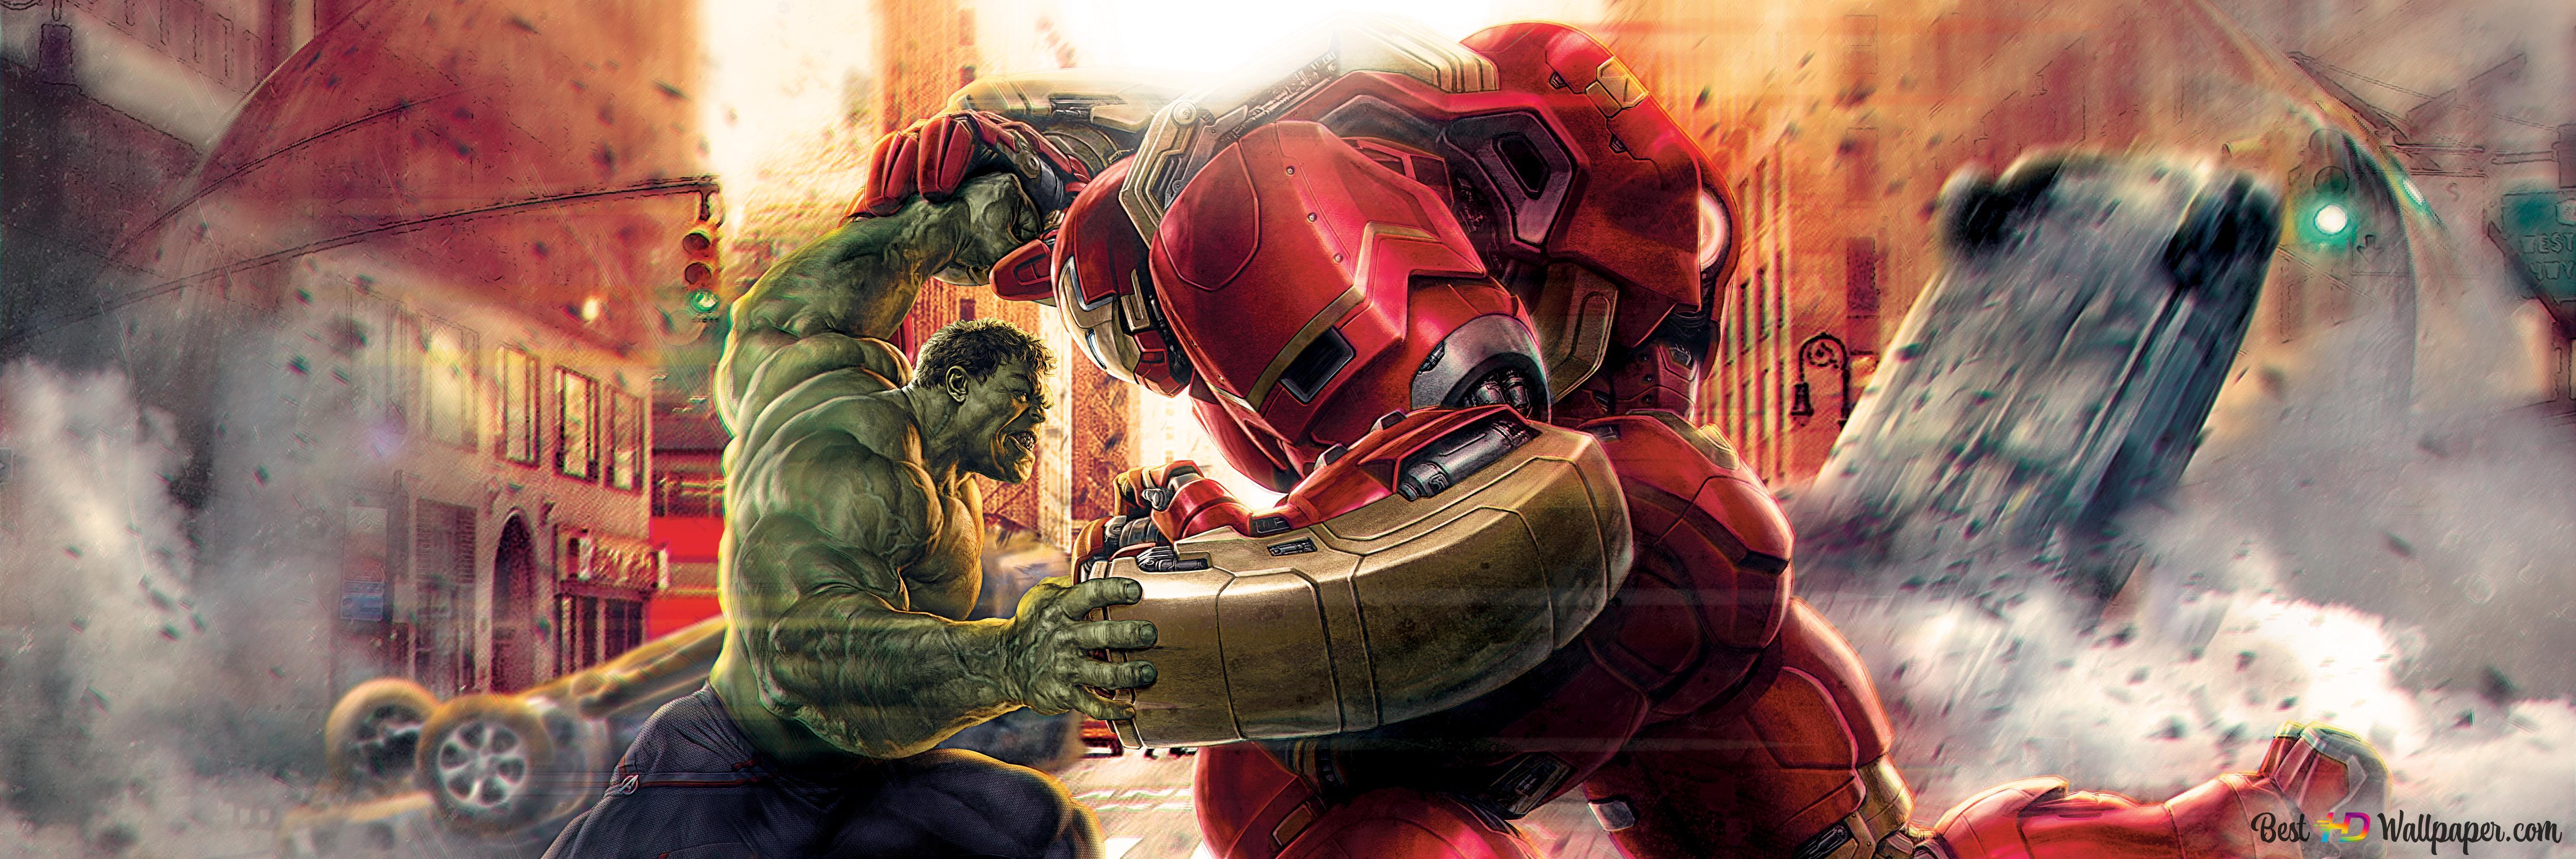 Avengers age of ultron hulk et hulkbuster hd fond d - Avengers 2 telecharger ...